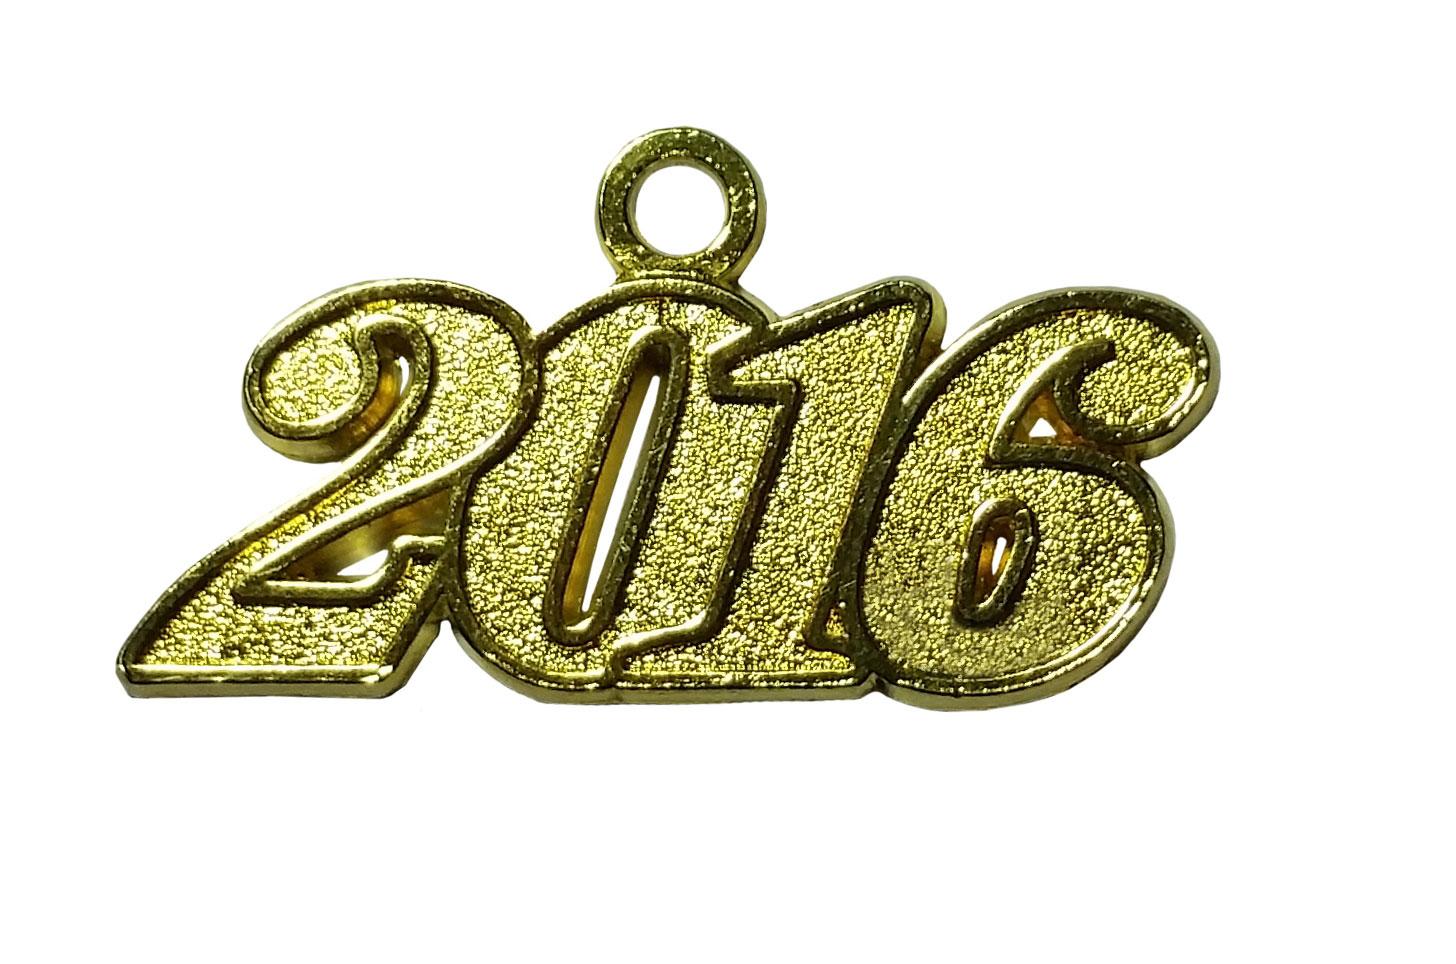 Jahreszahlanhänger für Quaste 2016